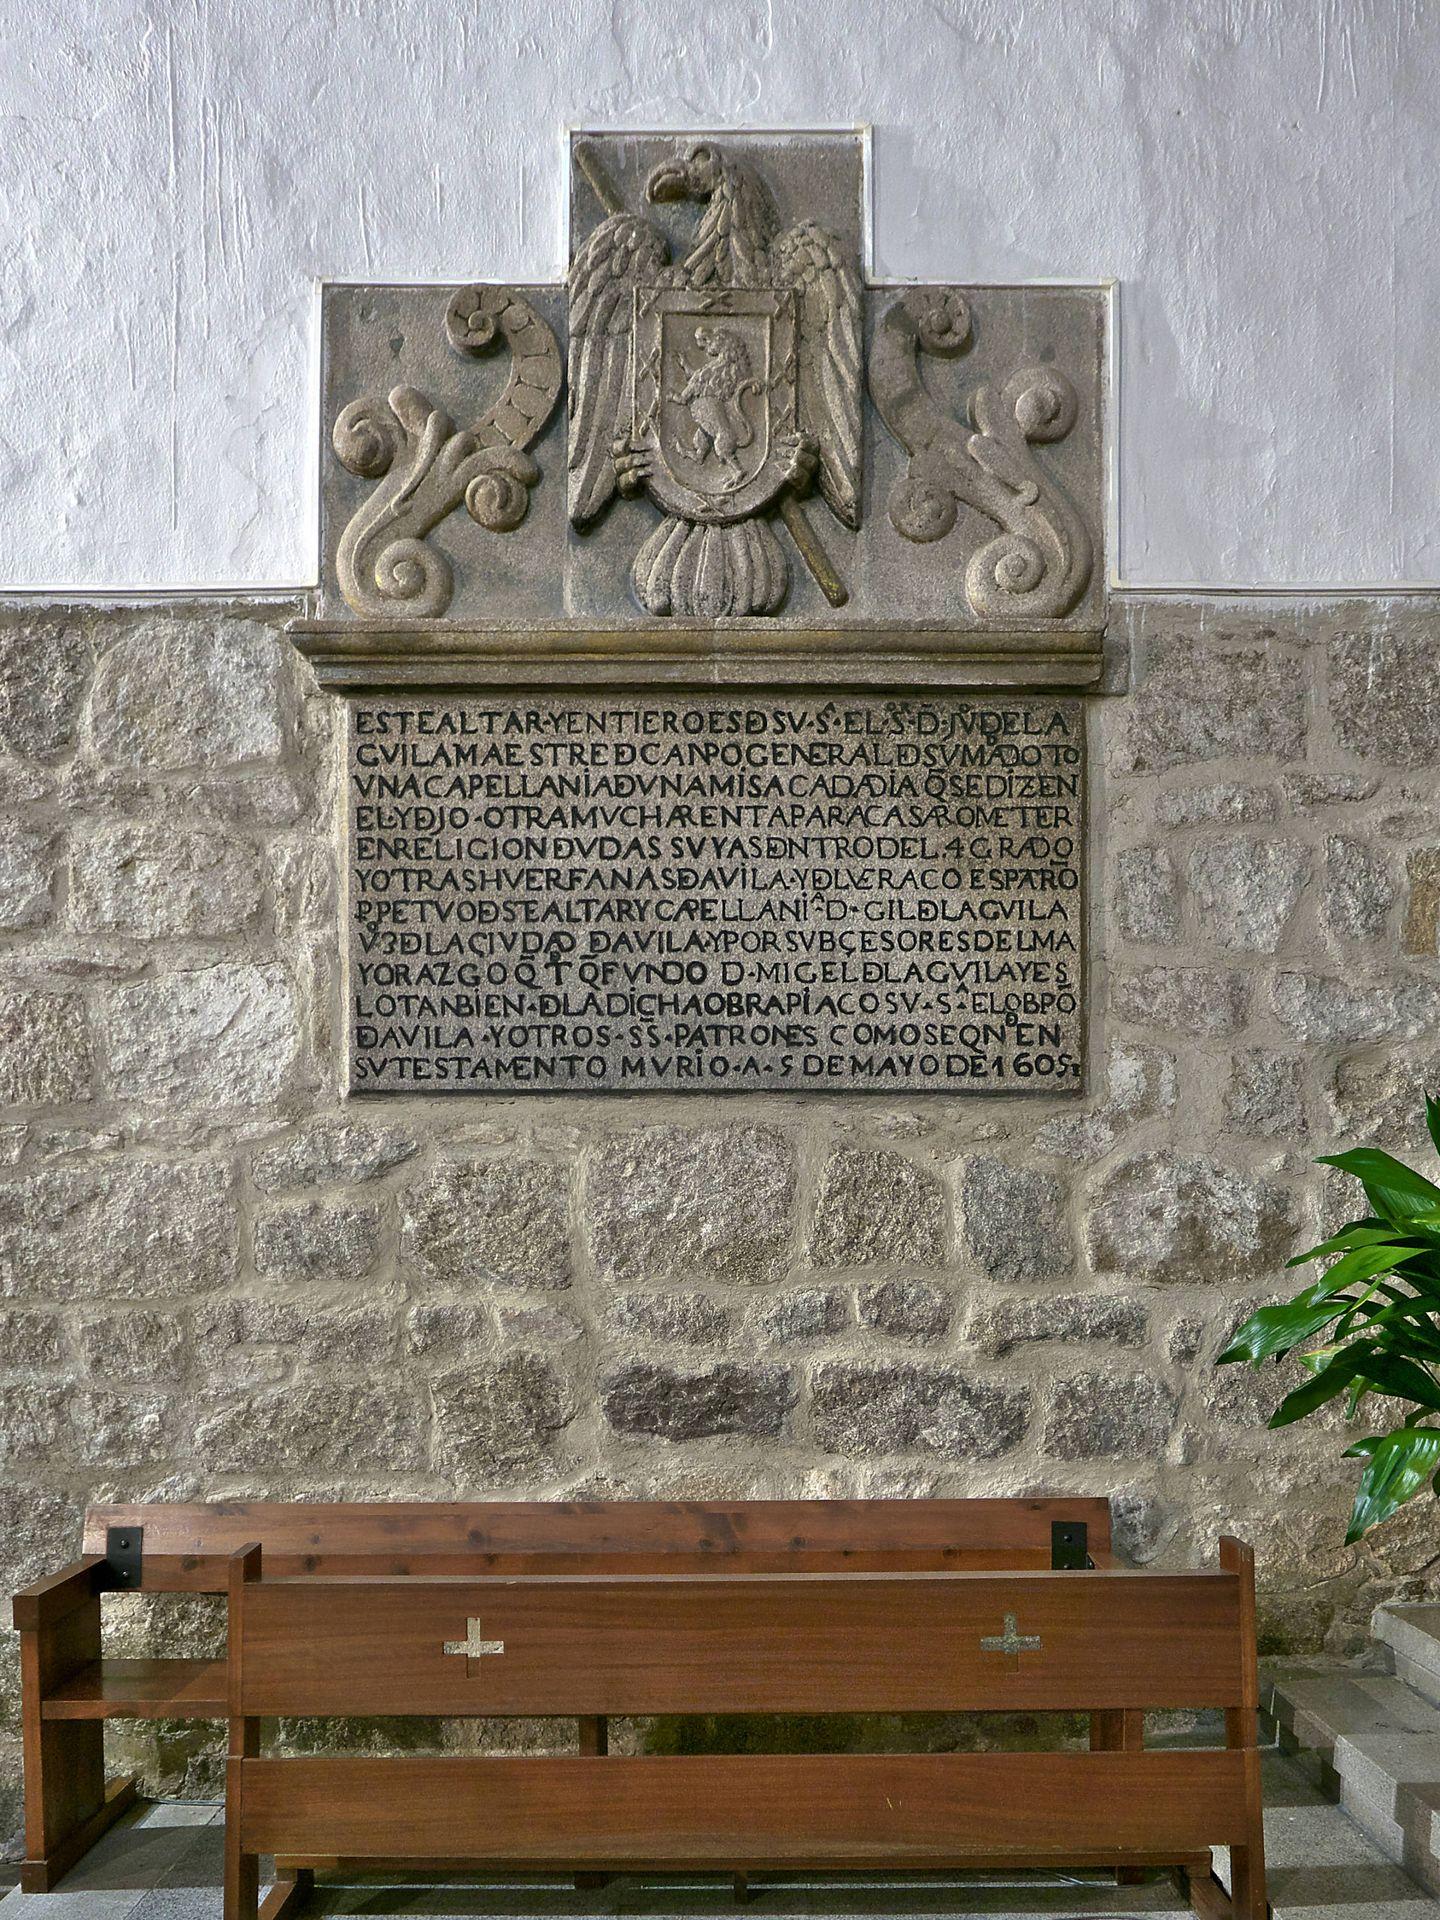 Sepulcro de Juan del Águila. Foto: José Luis Filpo Cabana / Wikipedia